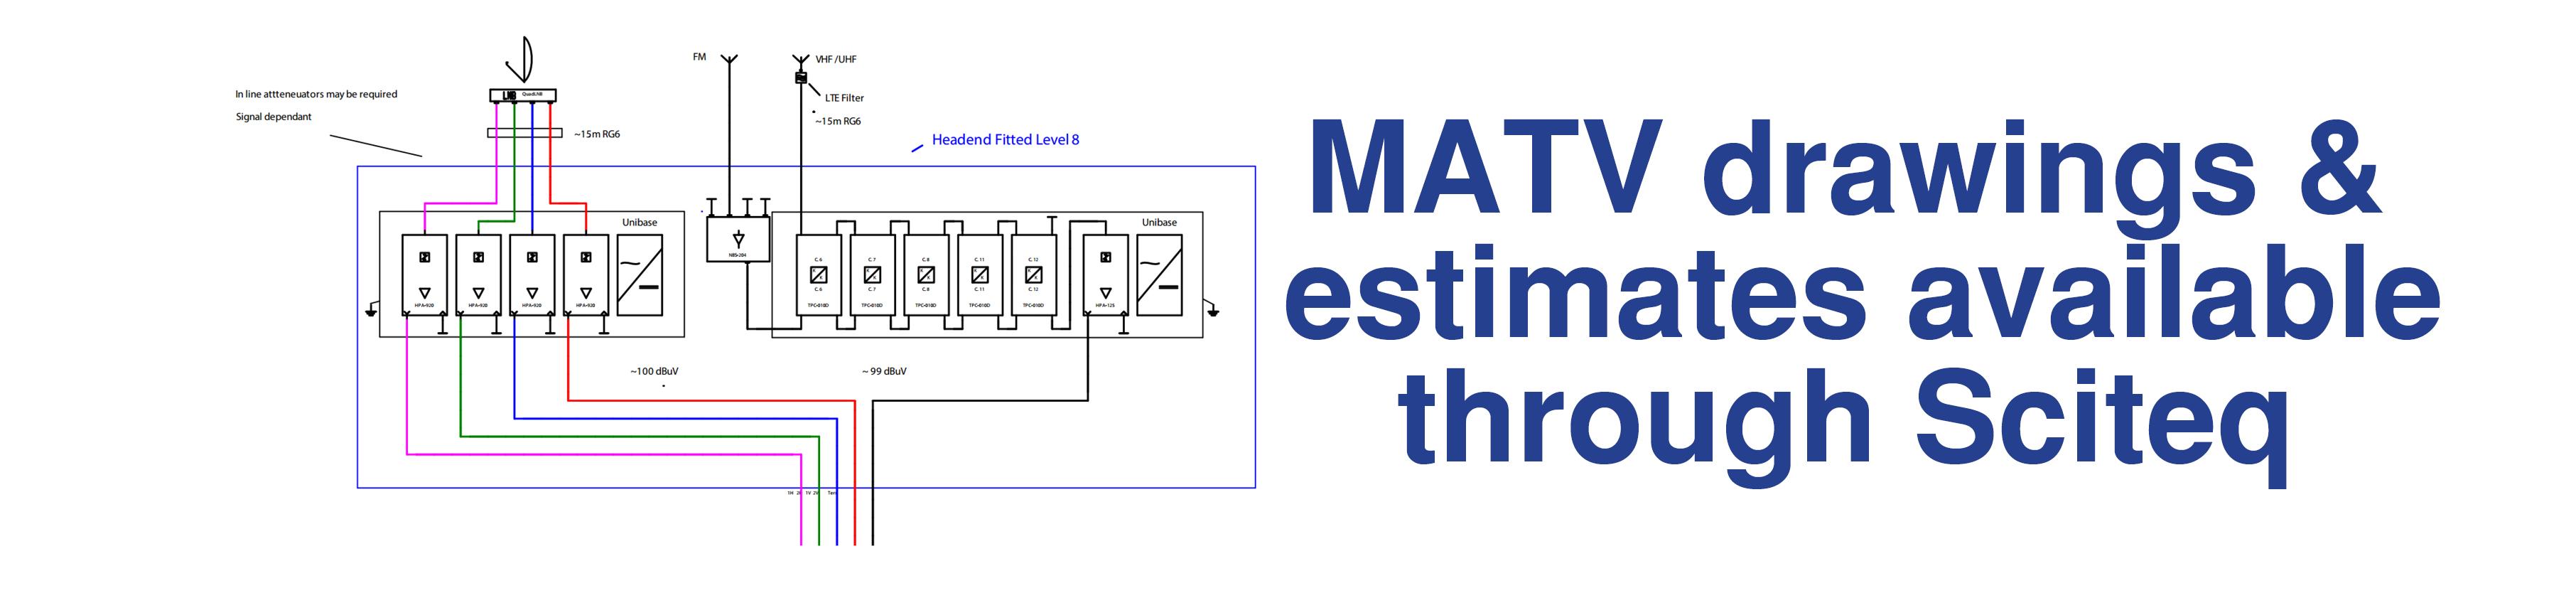 matv-drawings